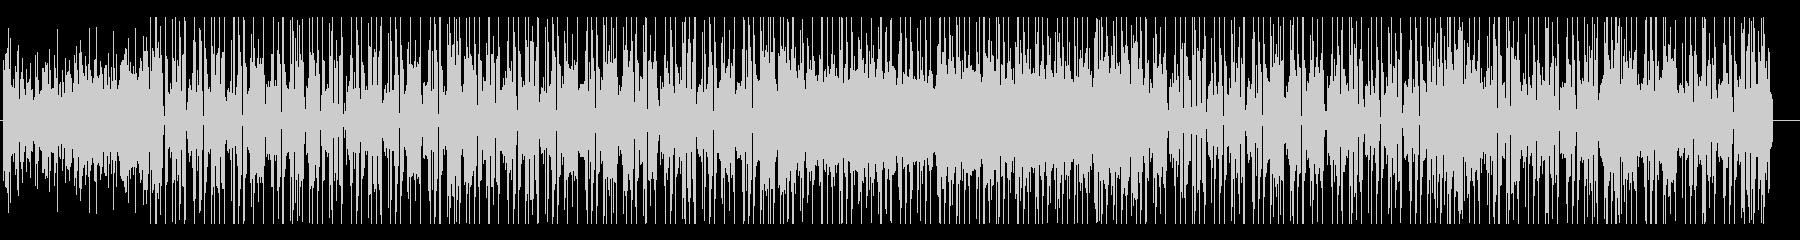 夜 ヒップホップ ドライブ の未再生の波形